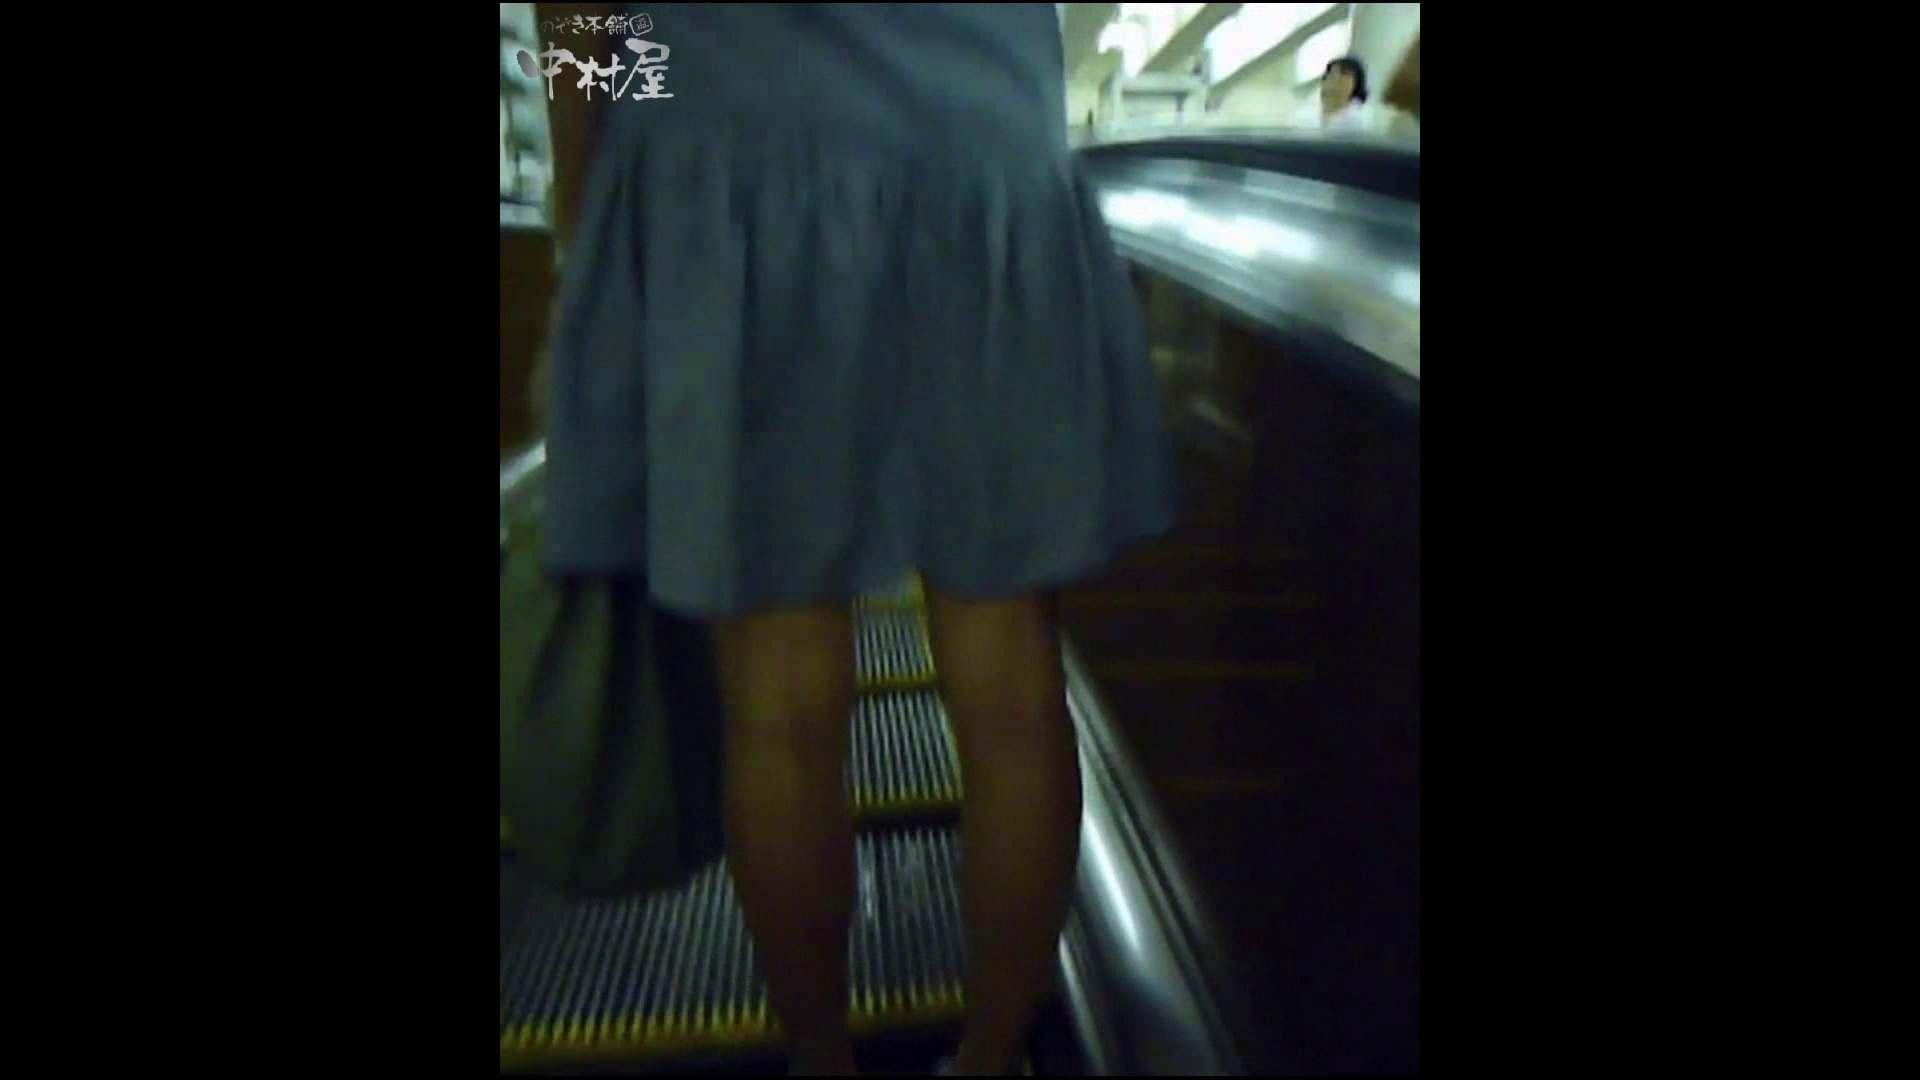 綺麗なモデルさんのスカート捲っちゃおう‼ vol26 お姉さん丸裸  80pic 69